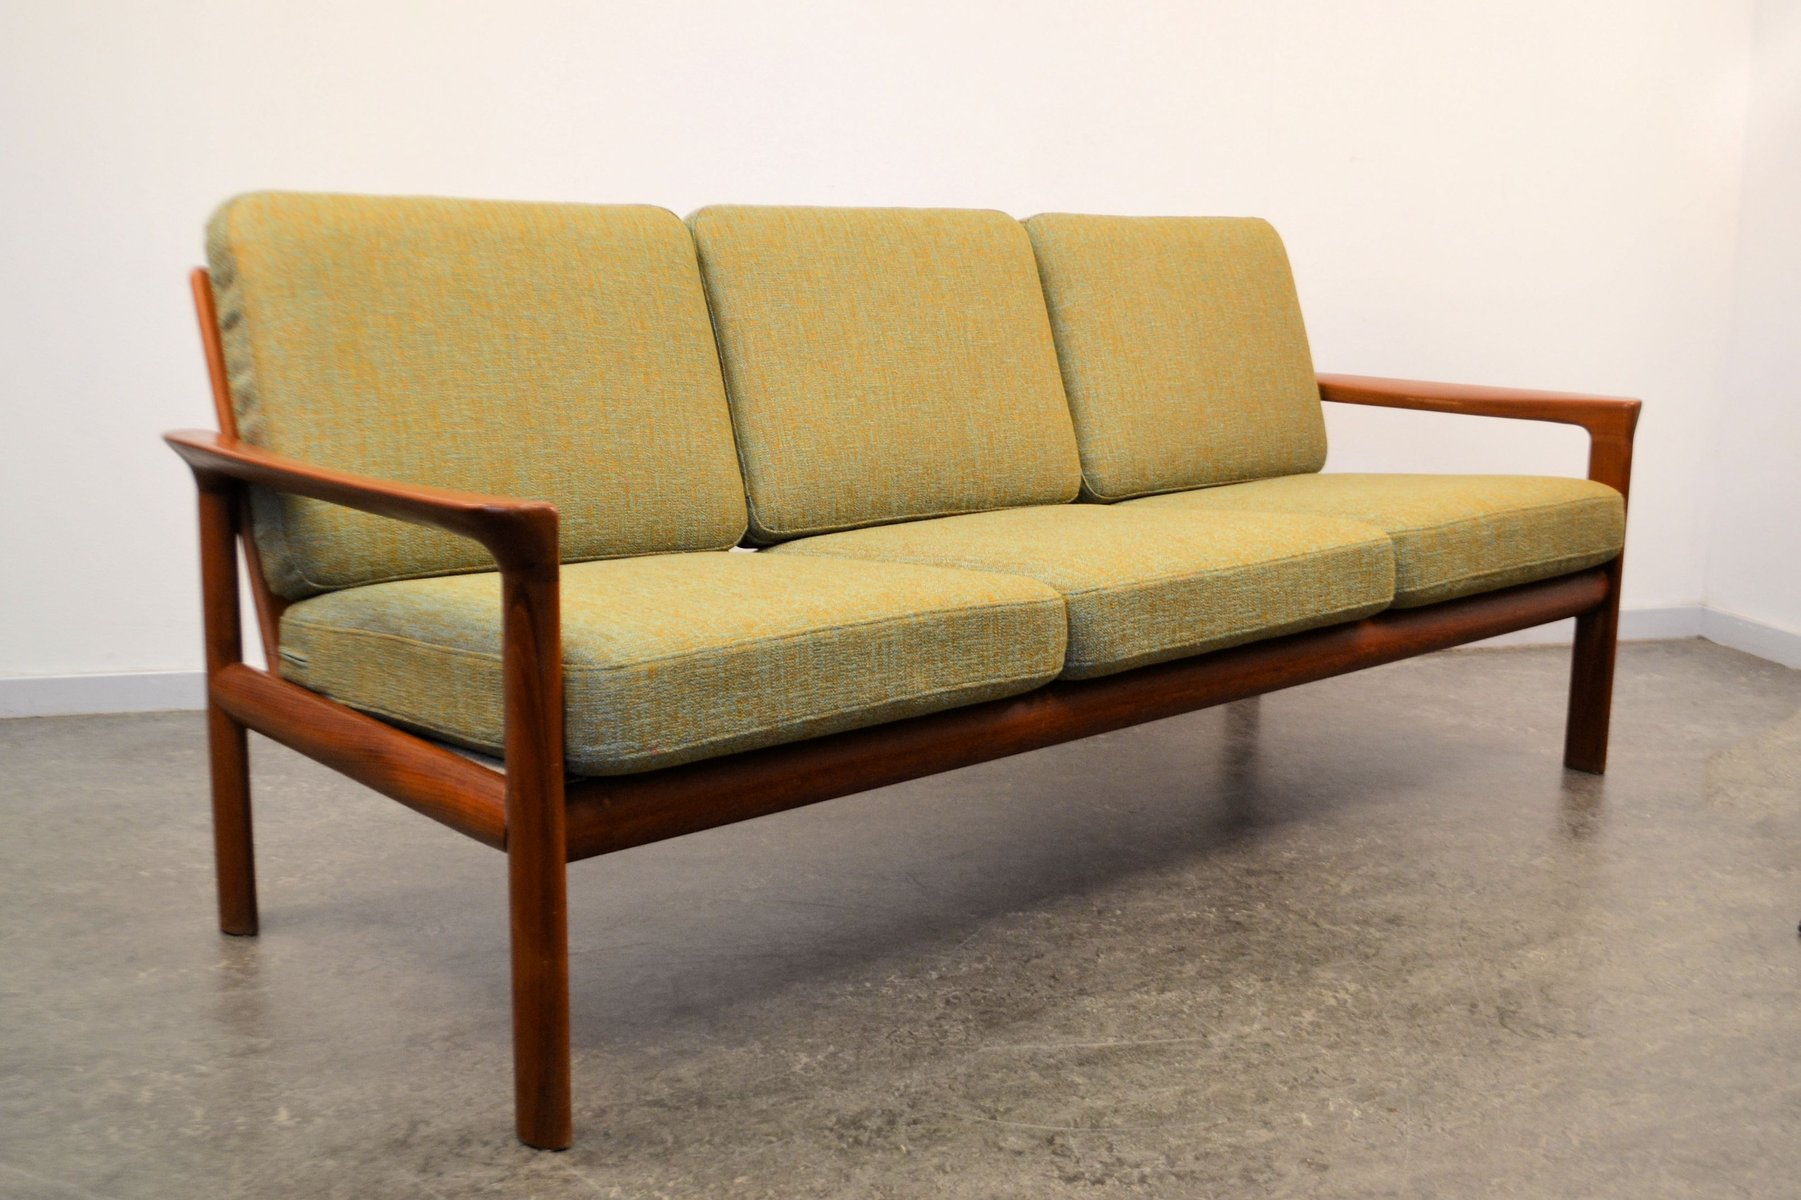 Teak 3-Seater Sofa by Sven Ellekaer for Komfort, 1960s for sale at ...